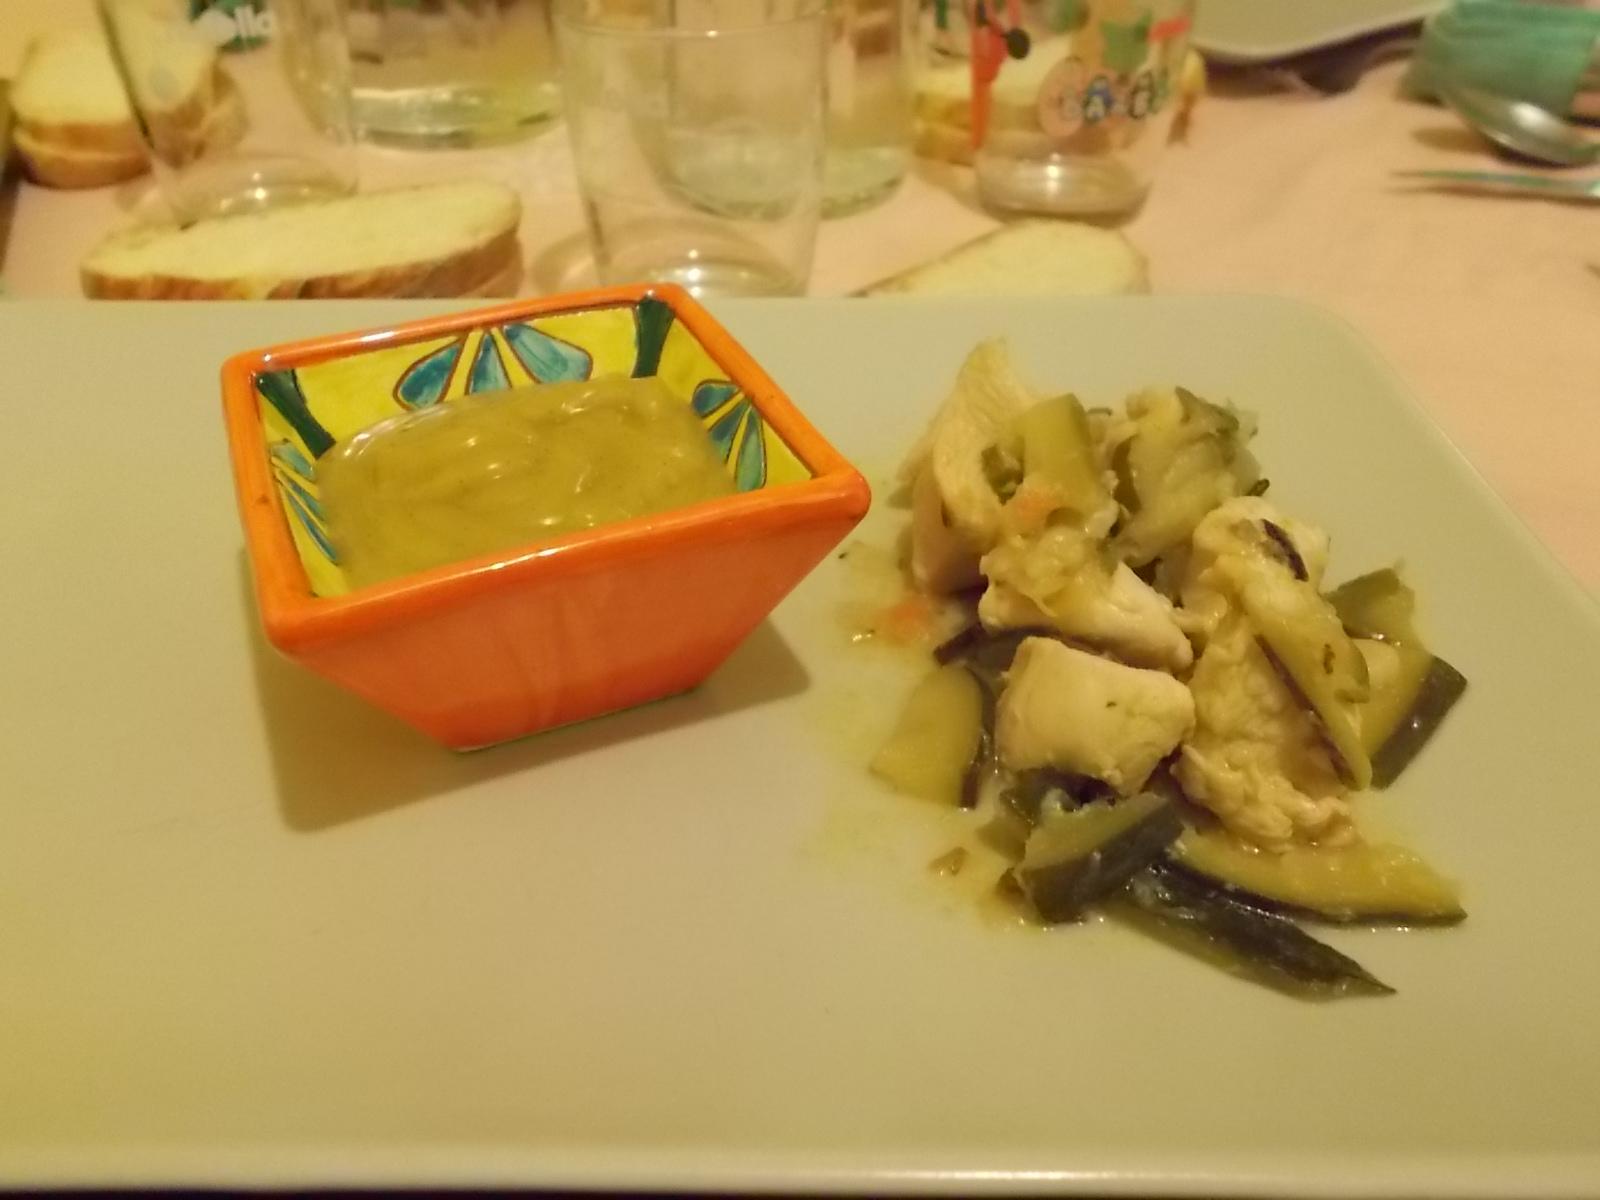 Bocconcini di pollo allo zenzero con salsa al curry